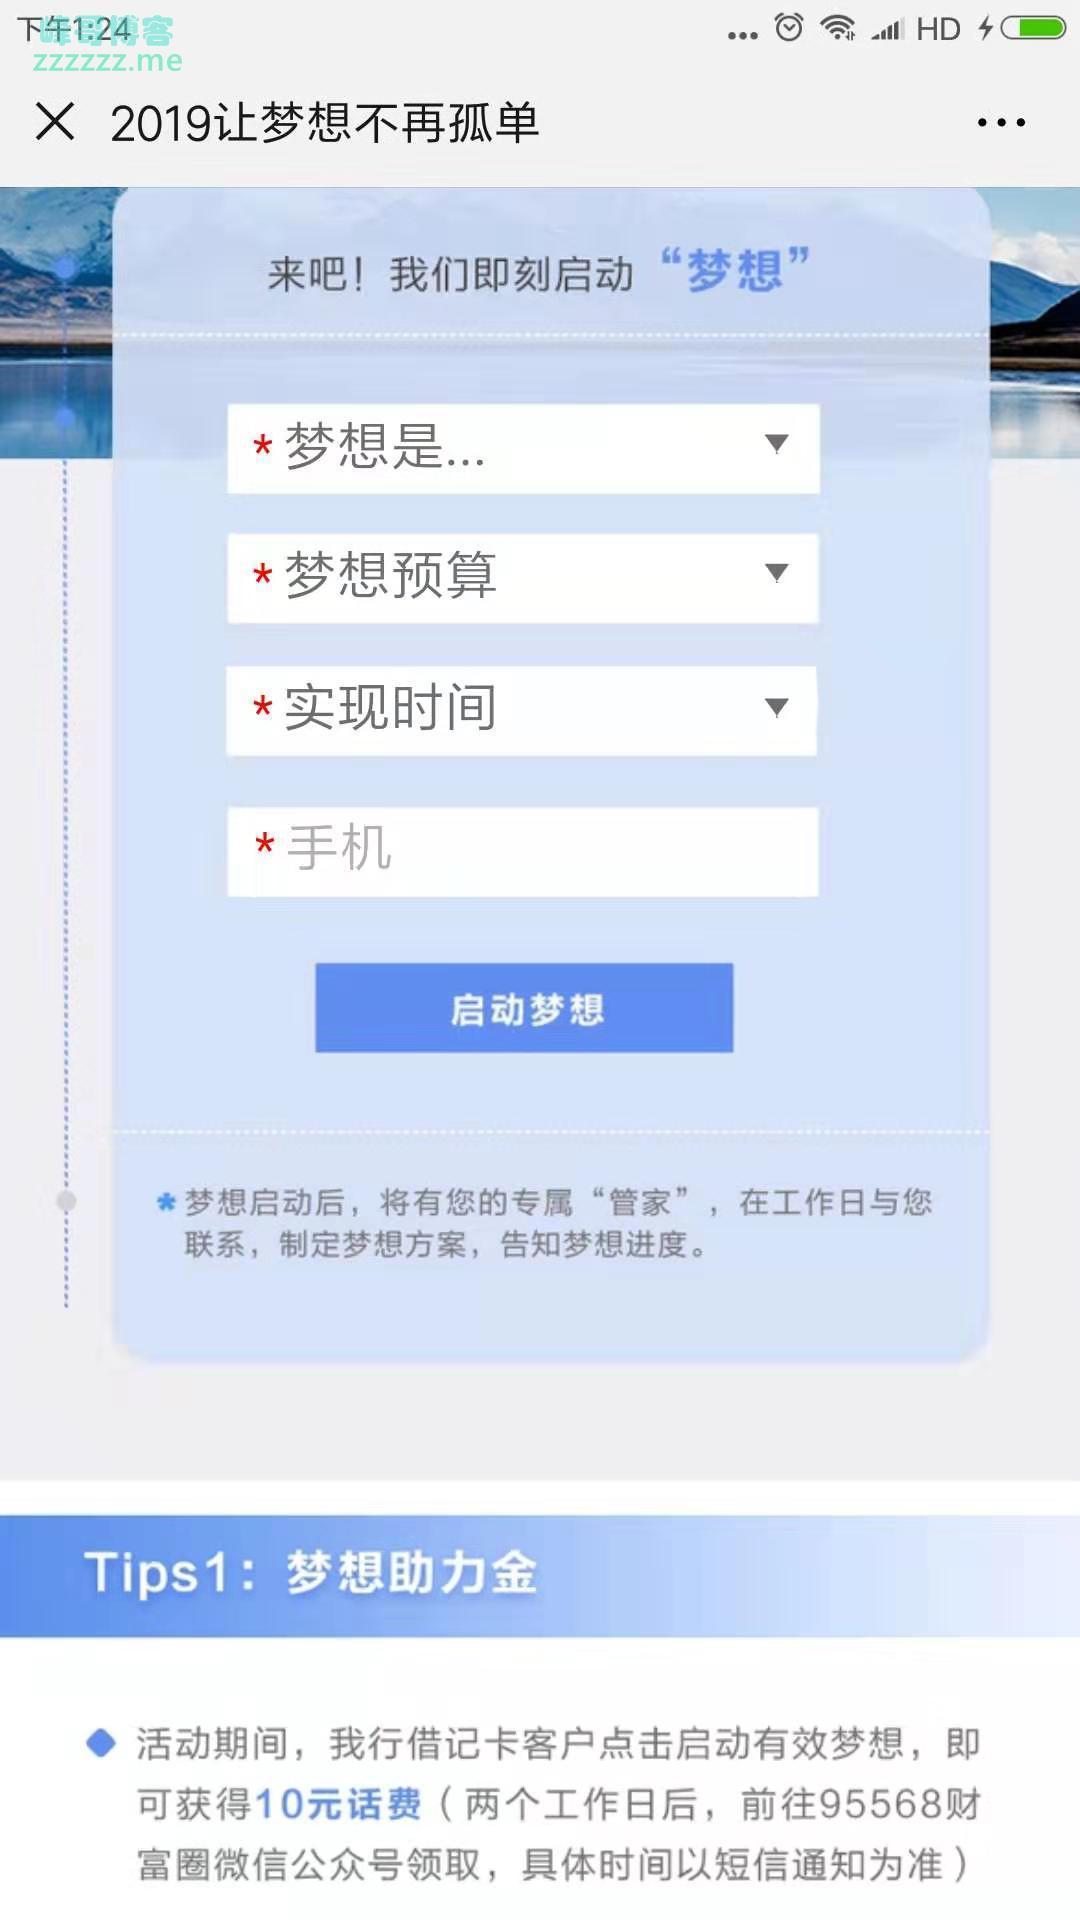 <中国民生银行>女王有福利(截止3月31日)